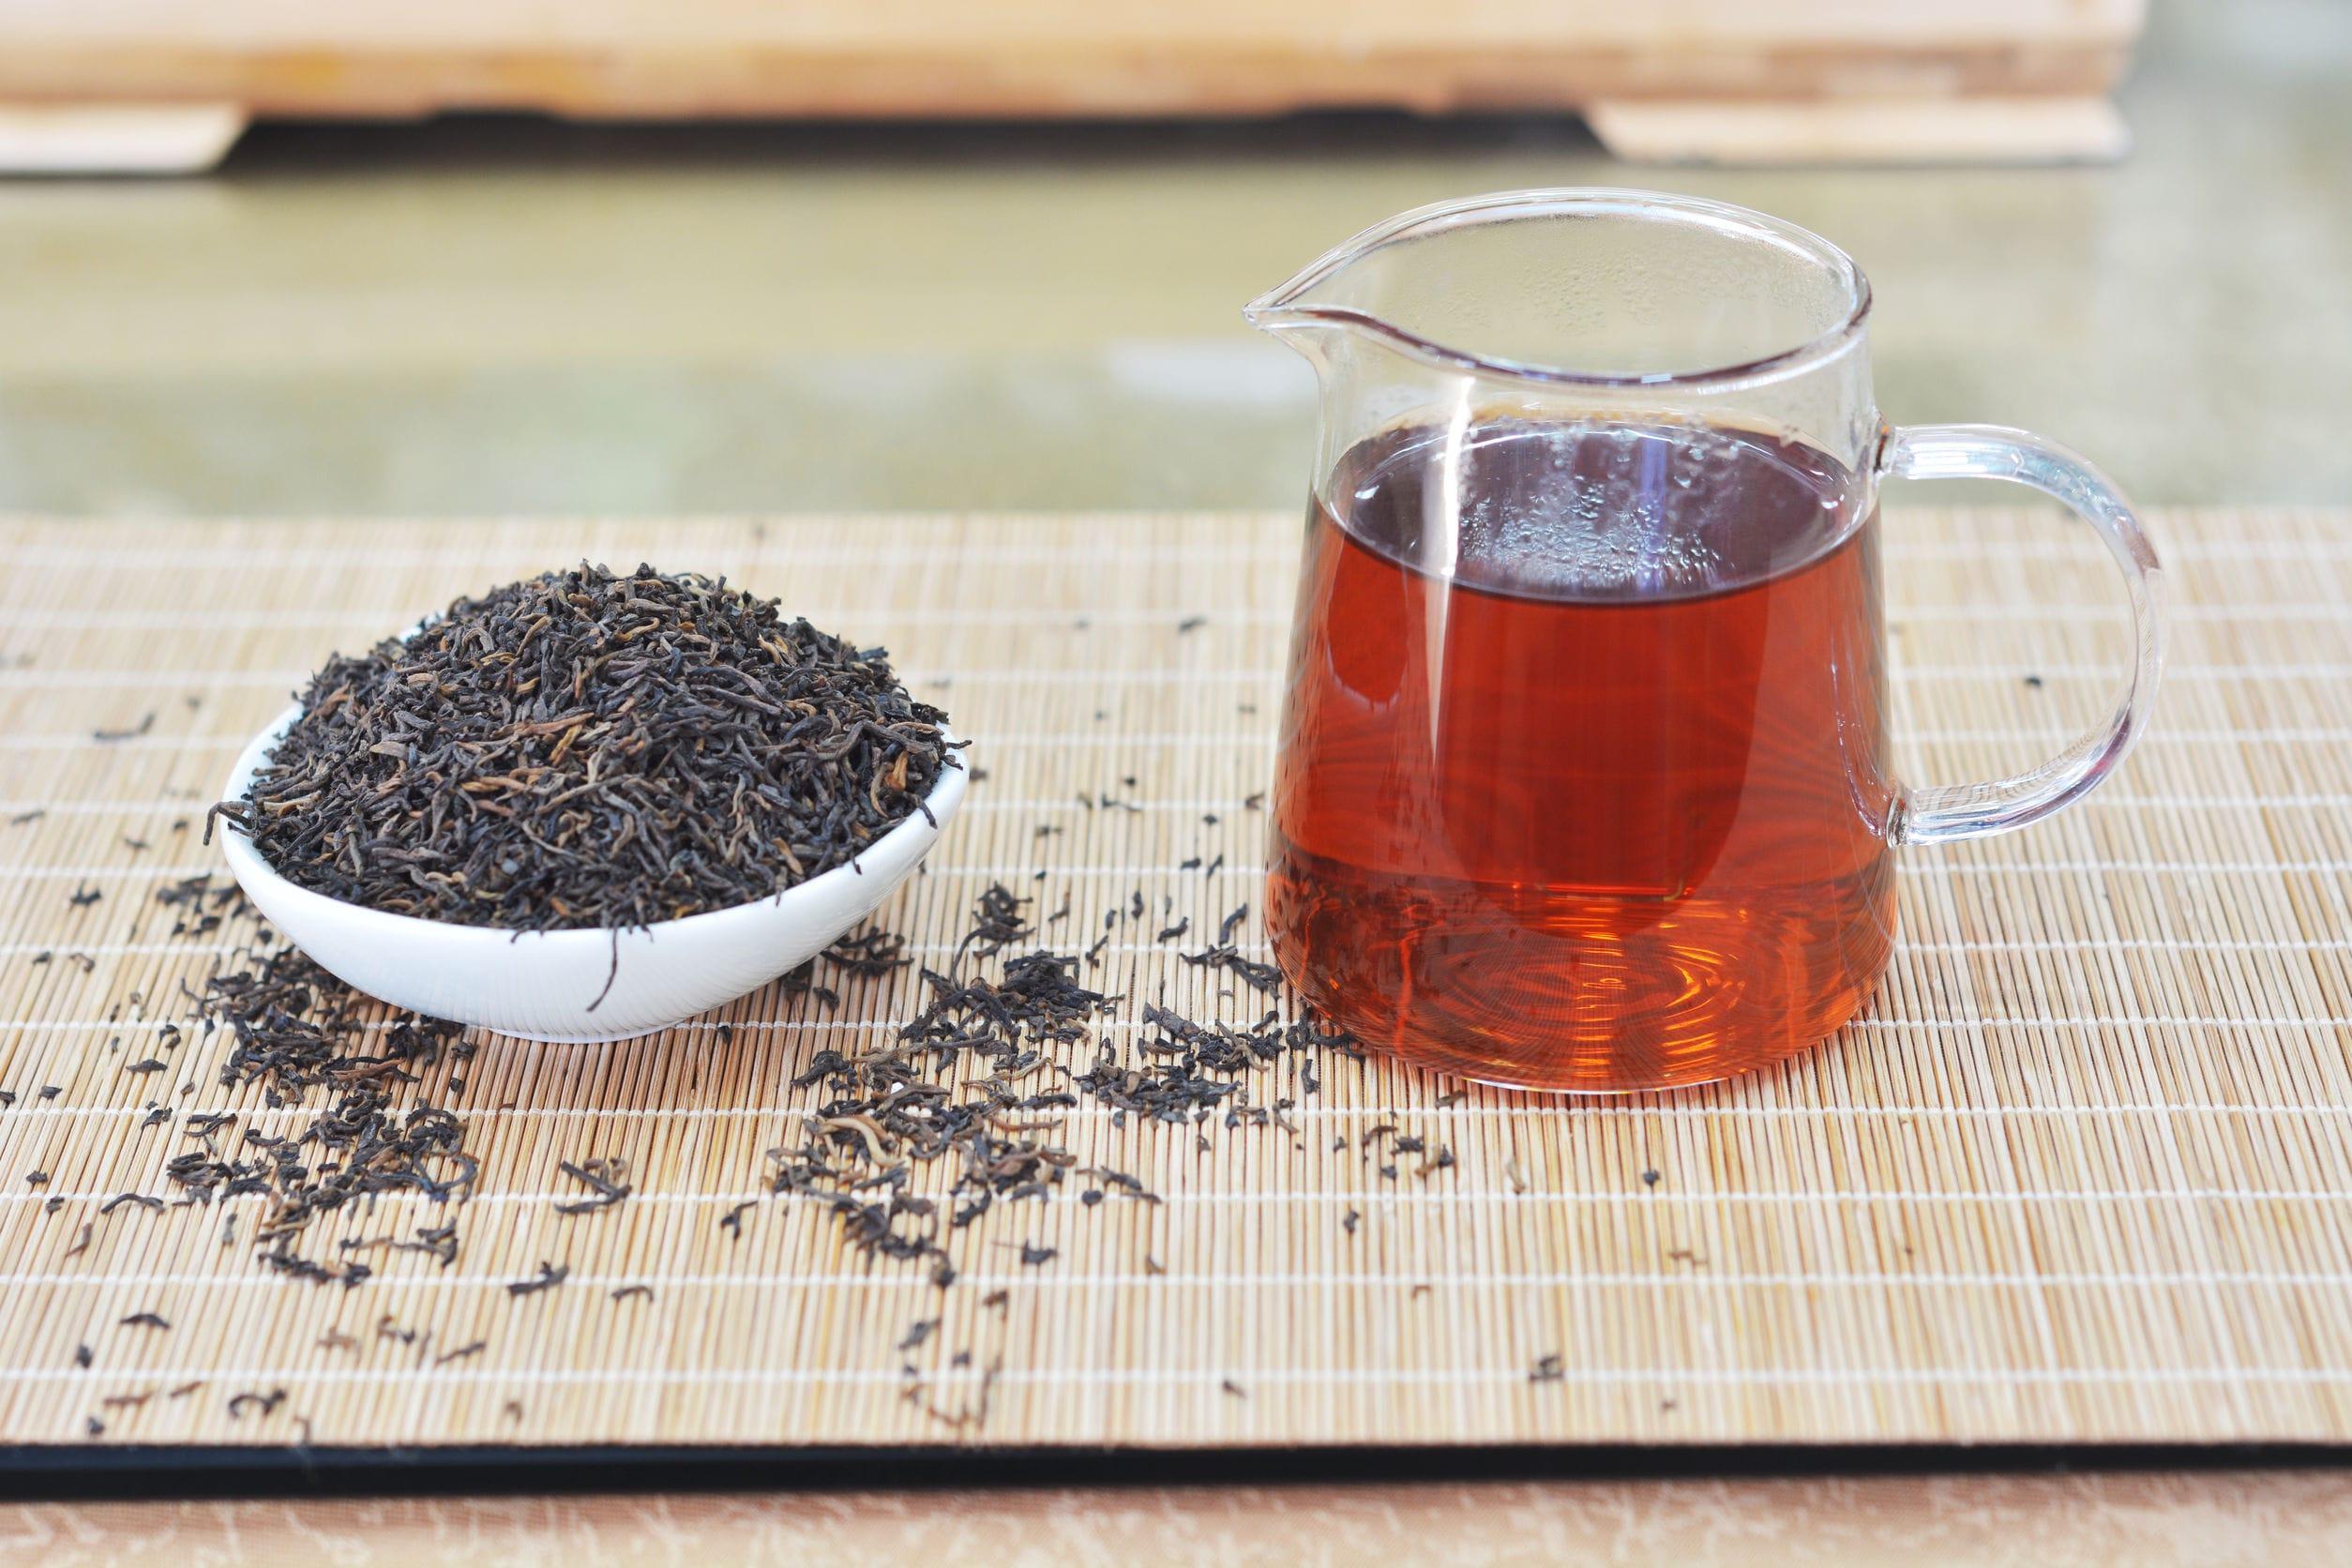 プーアル茶とは